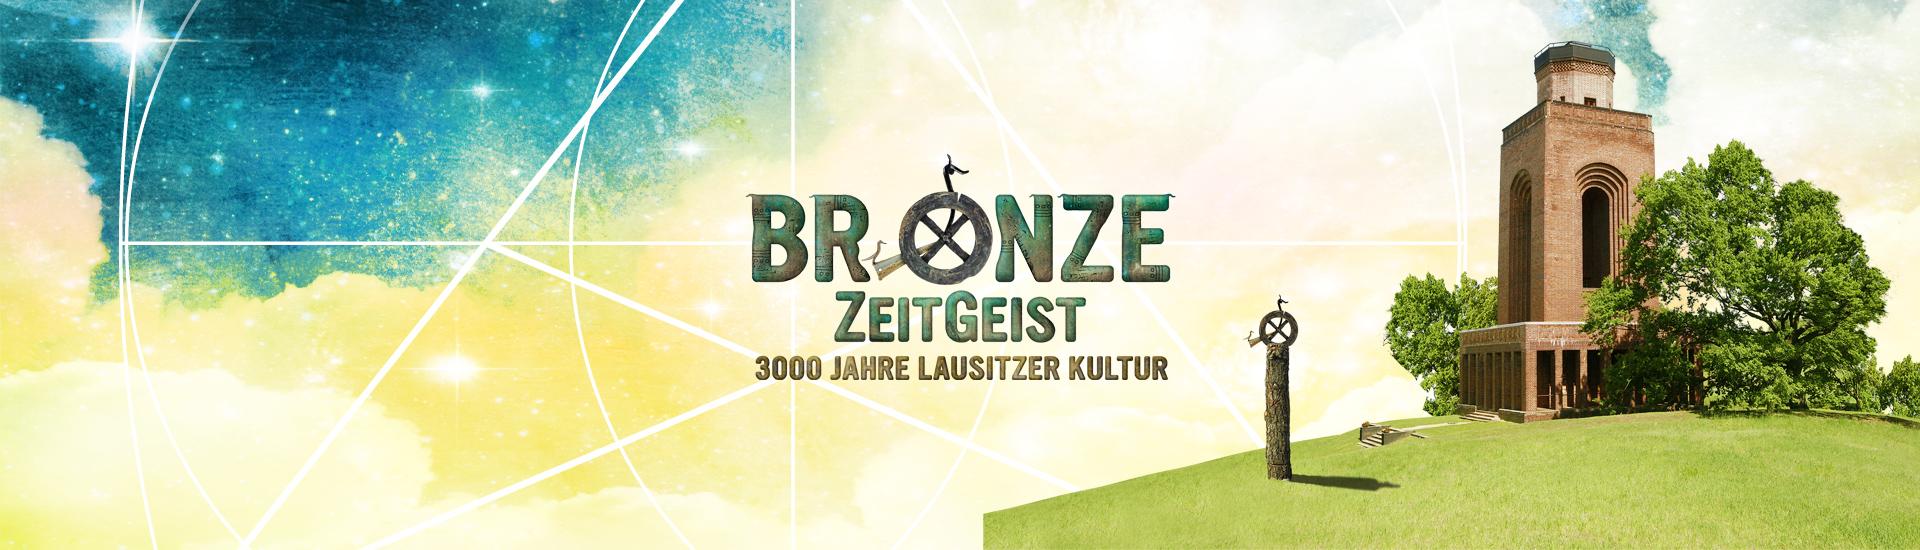 Bronze_header